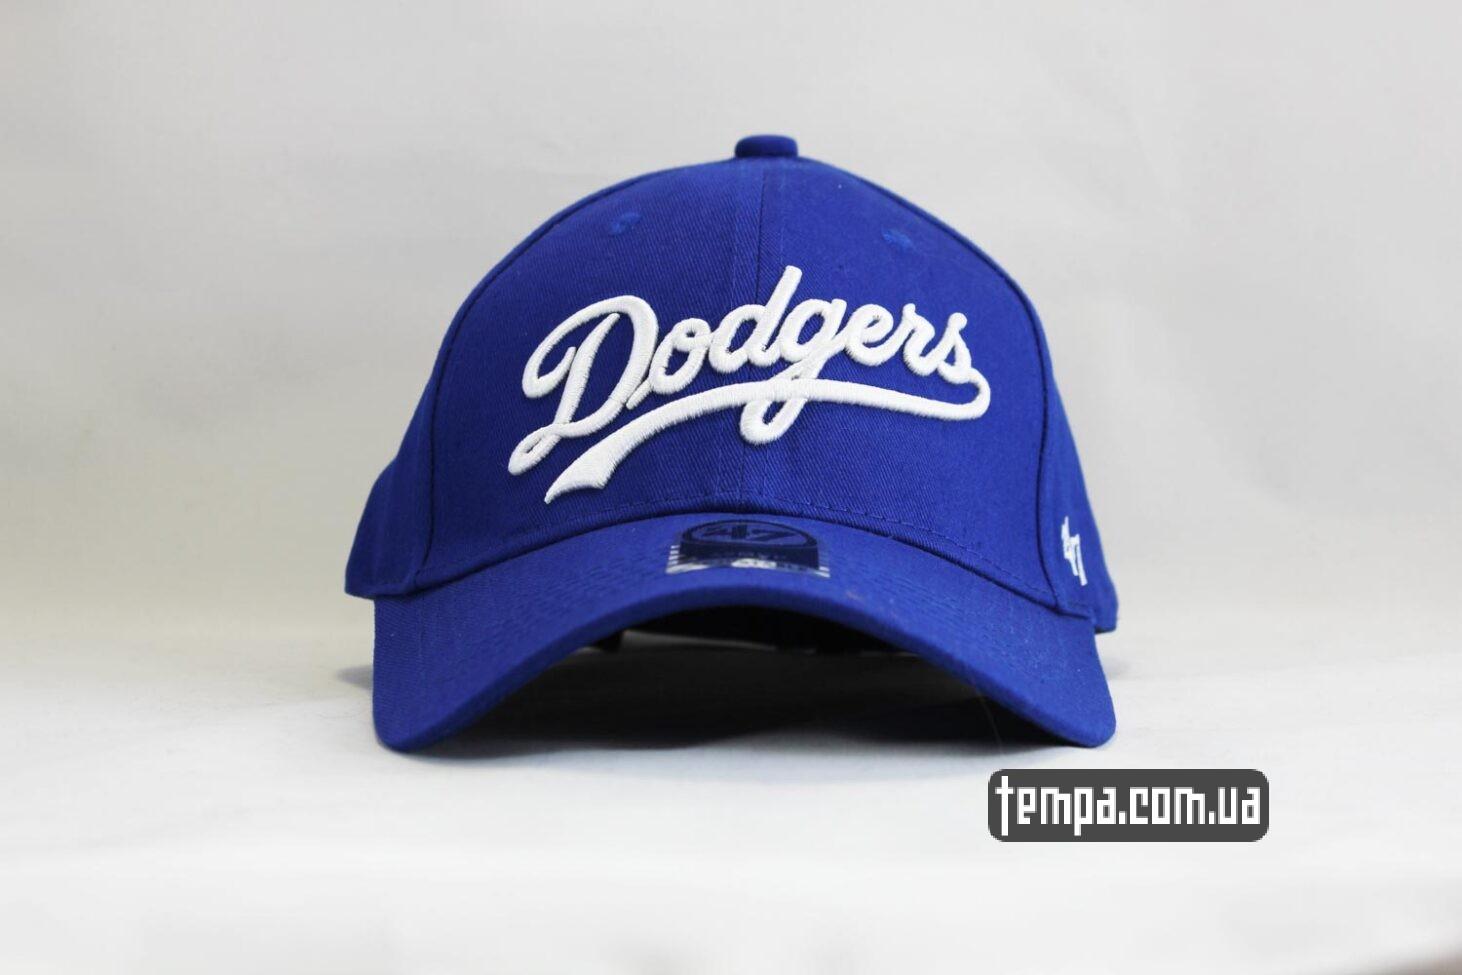 кепка snapback бейсболка Dodgers 47 New Era синяя купить